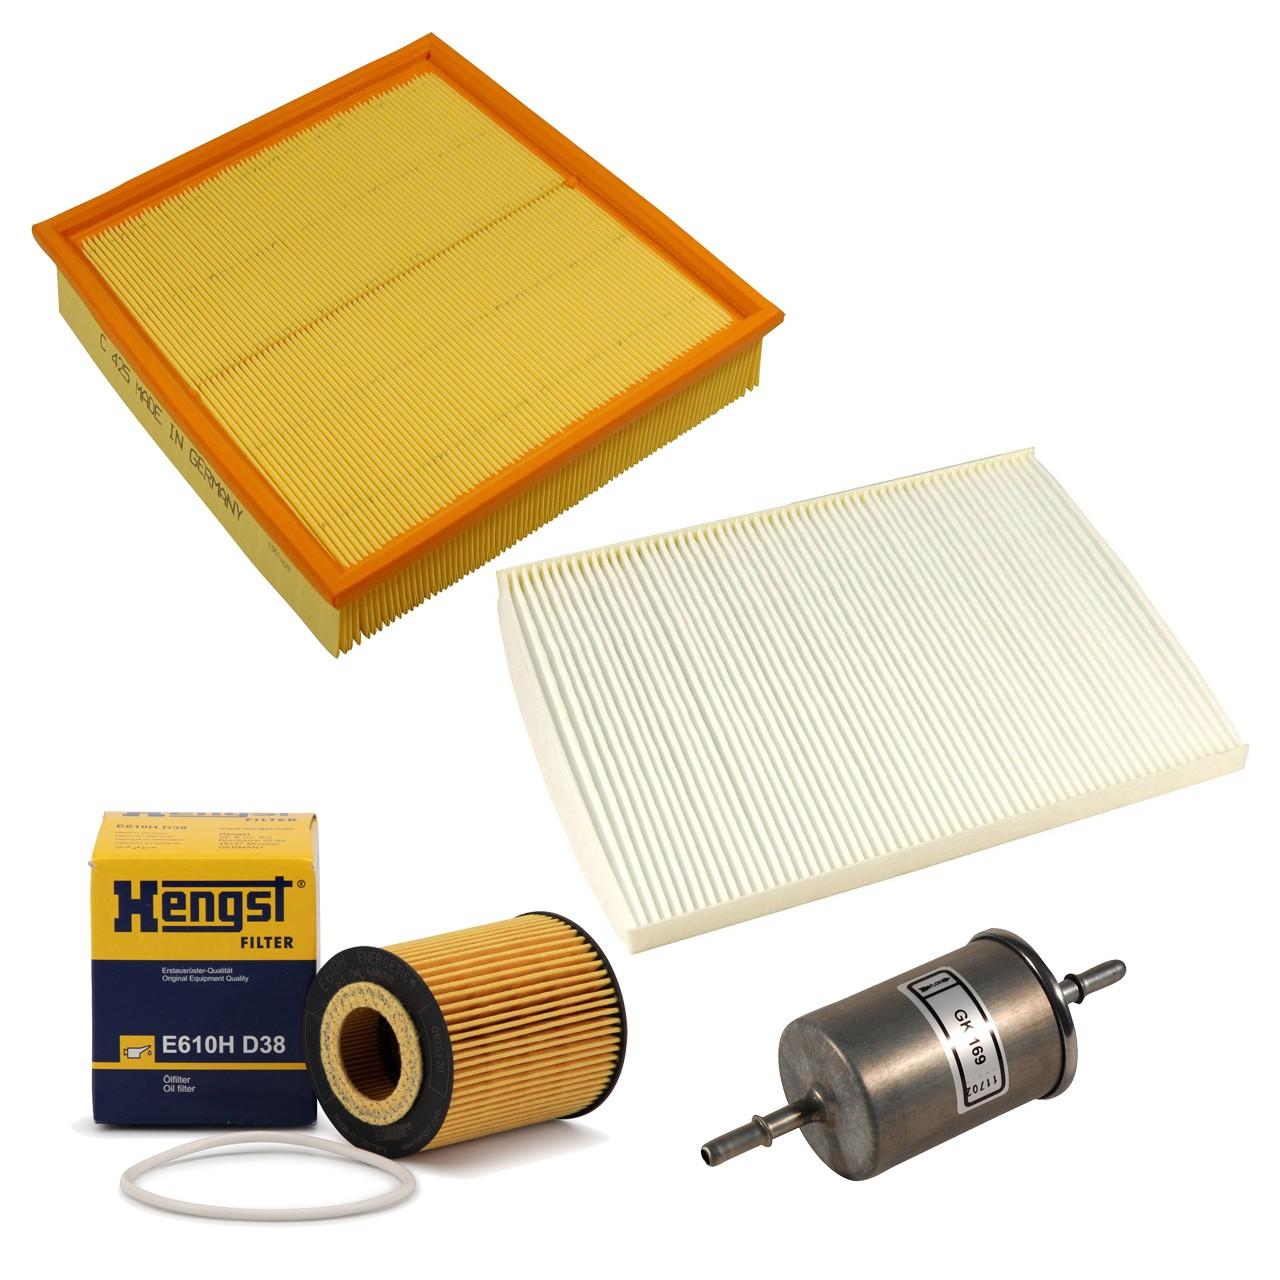 Inspektionskit Filterpaket OPEL Omega B 2.5 / 2.6 / 3.0 / 3.2 V6 ab 09.1999